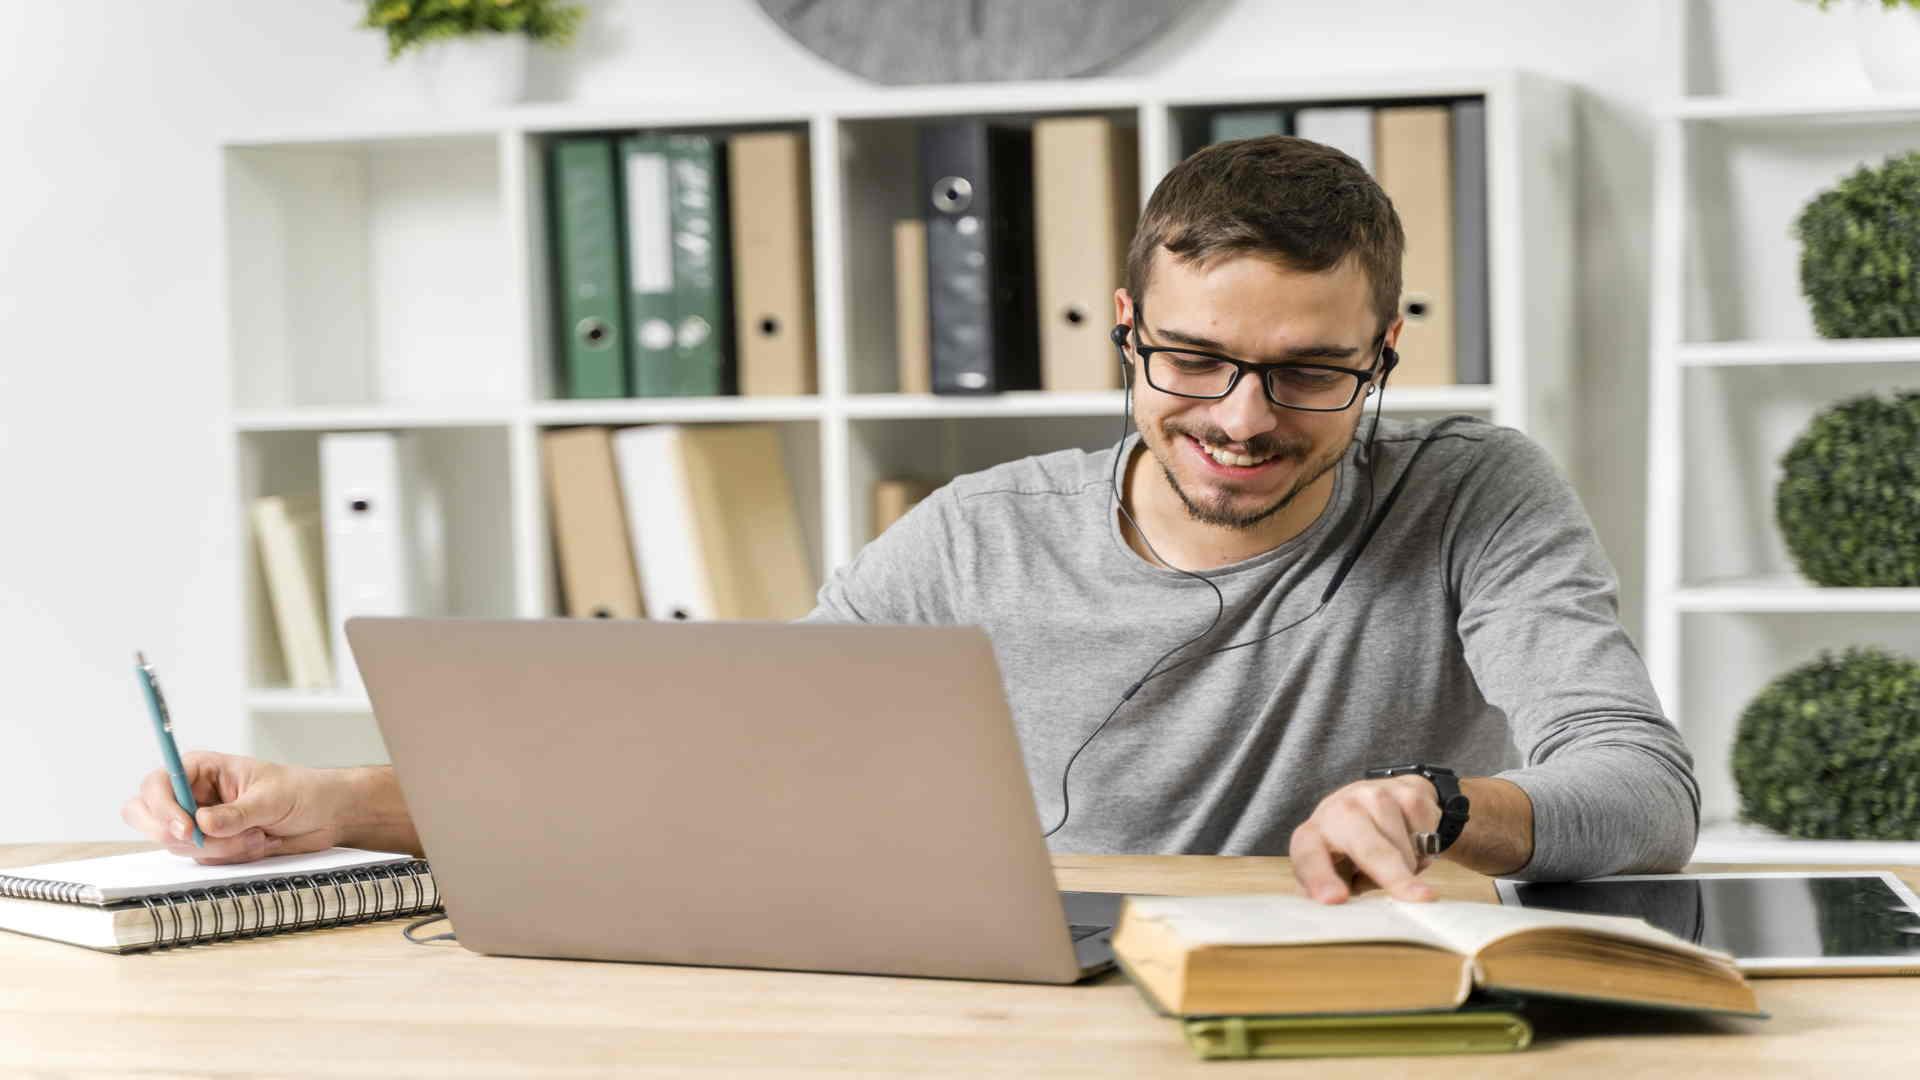 סטודנט באמצע עריכת עבודות אקדמיות